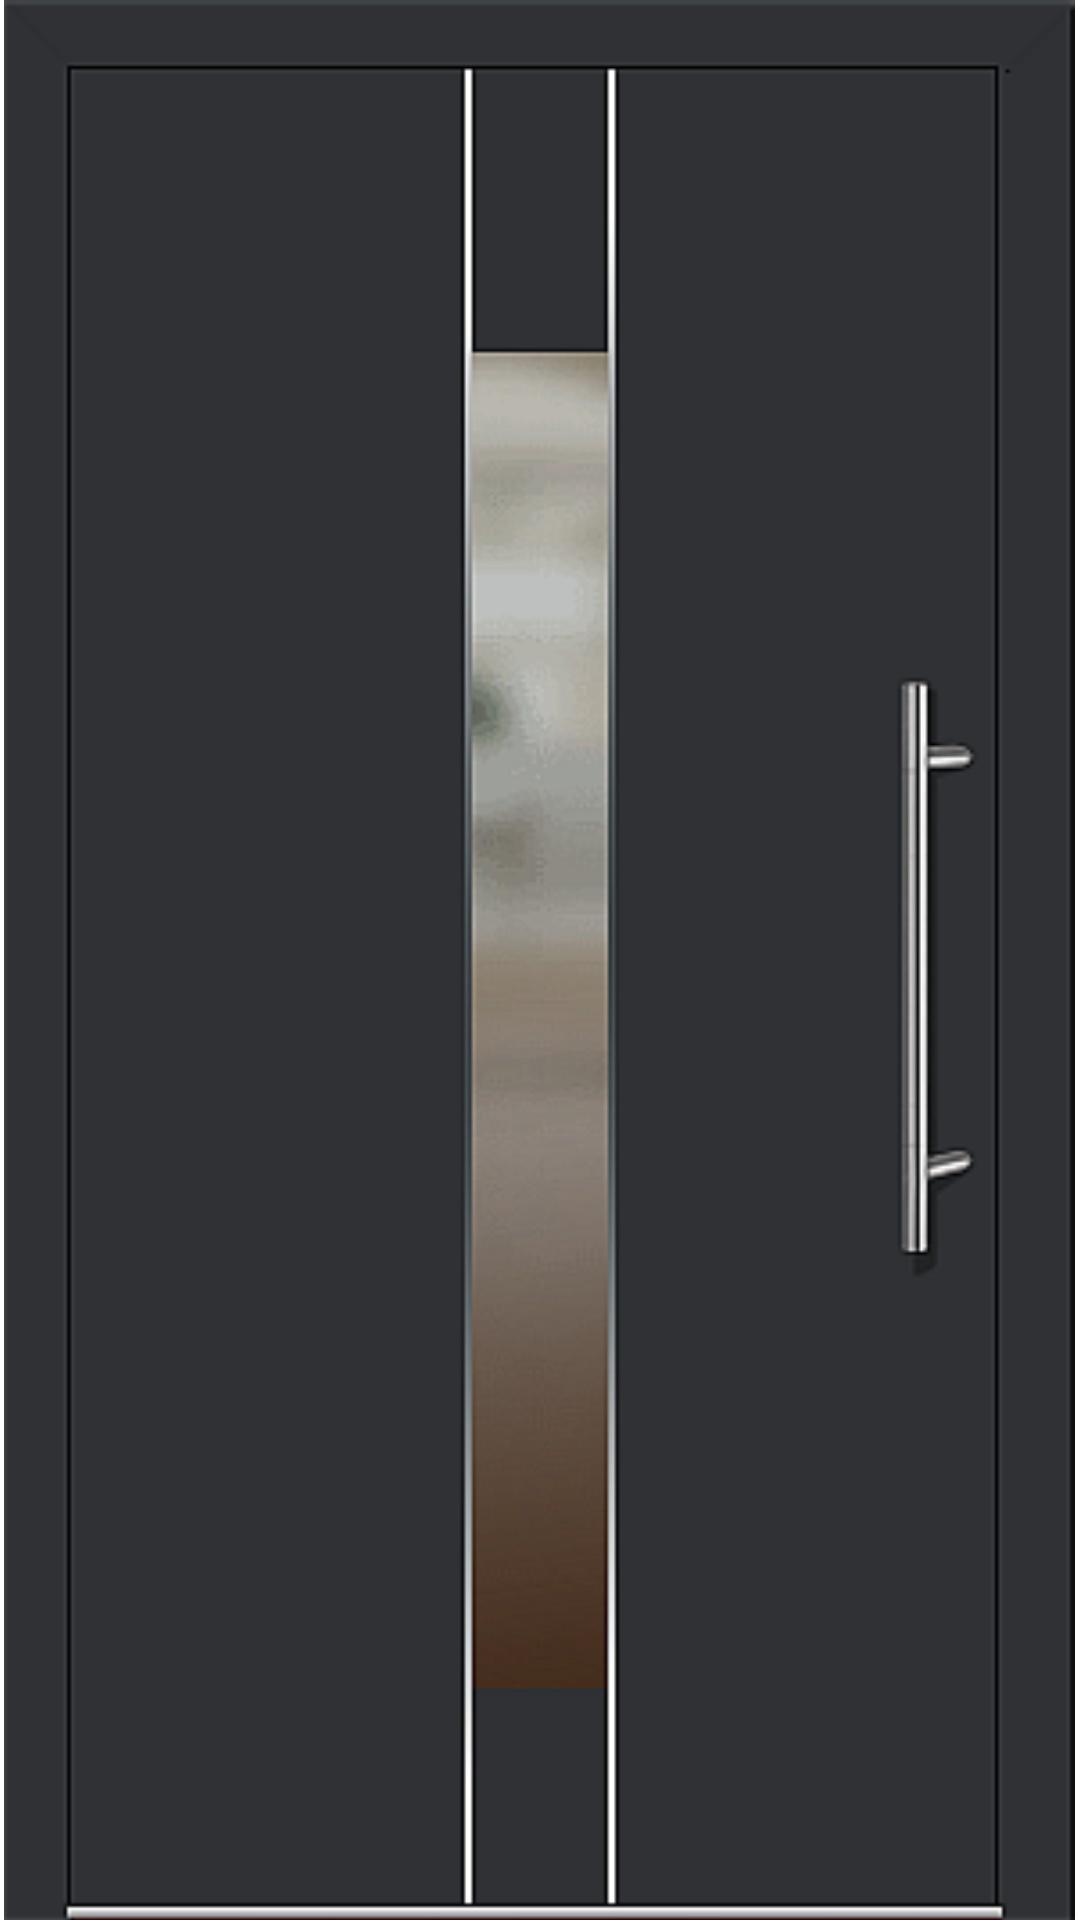 Kunststoff Haustür Modell 6182-54 schwarz